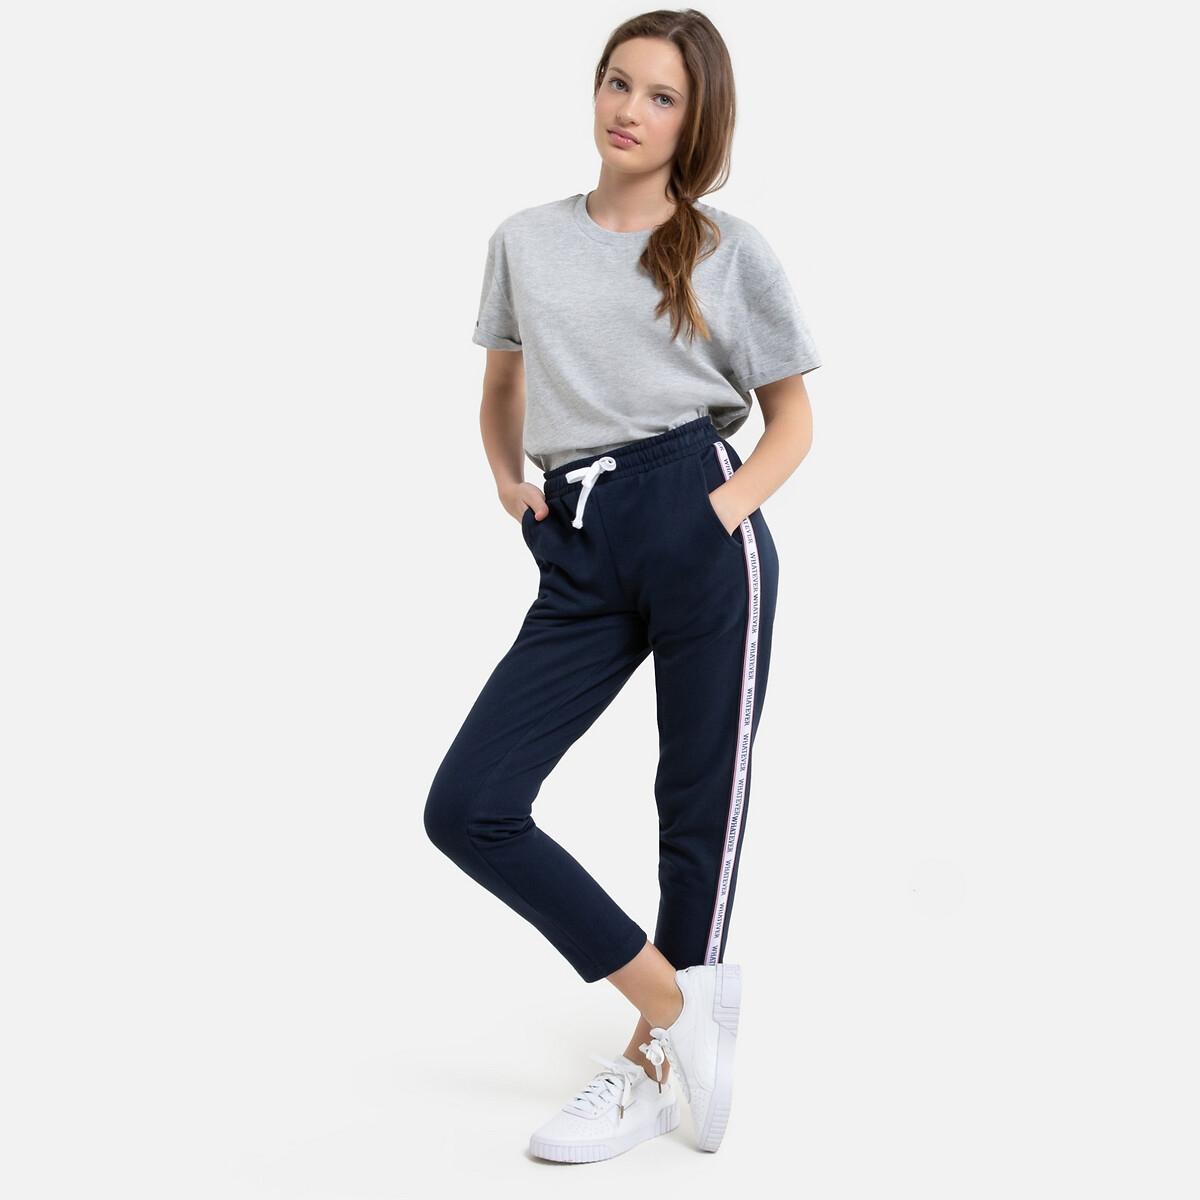 Брюки La Redoute Спортивные с полосками по бокам 10 лет - 138 см синий брюки la redoute 10 лет 138 см зеленый